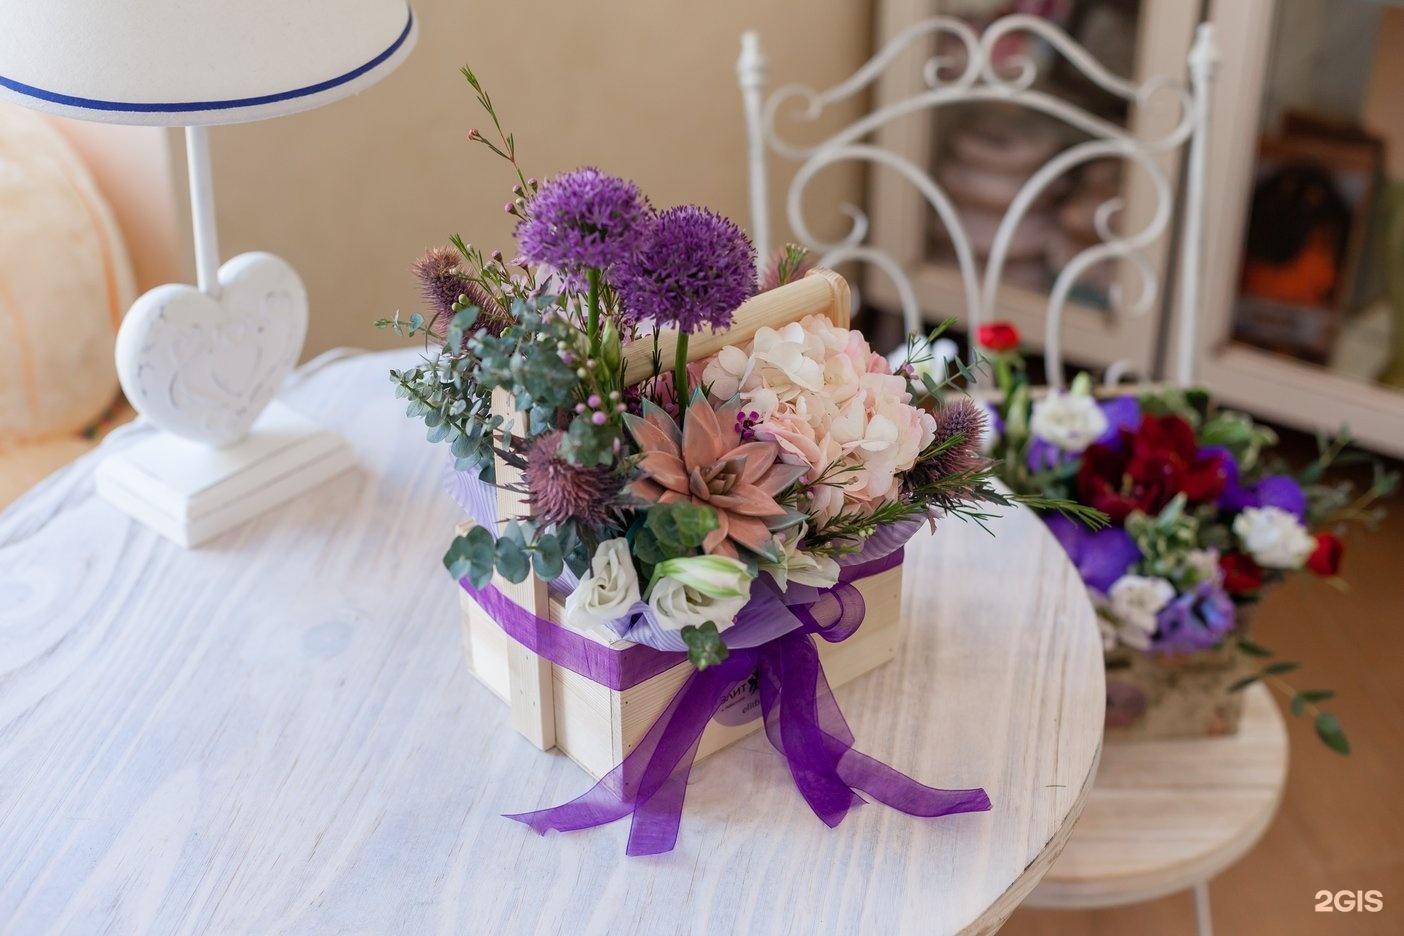 Купить букет екатеринбург фрезеровщиков, цветы свадебные букеты